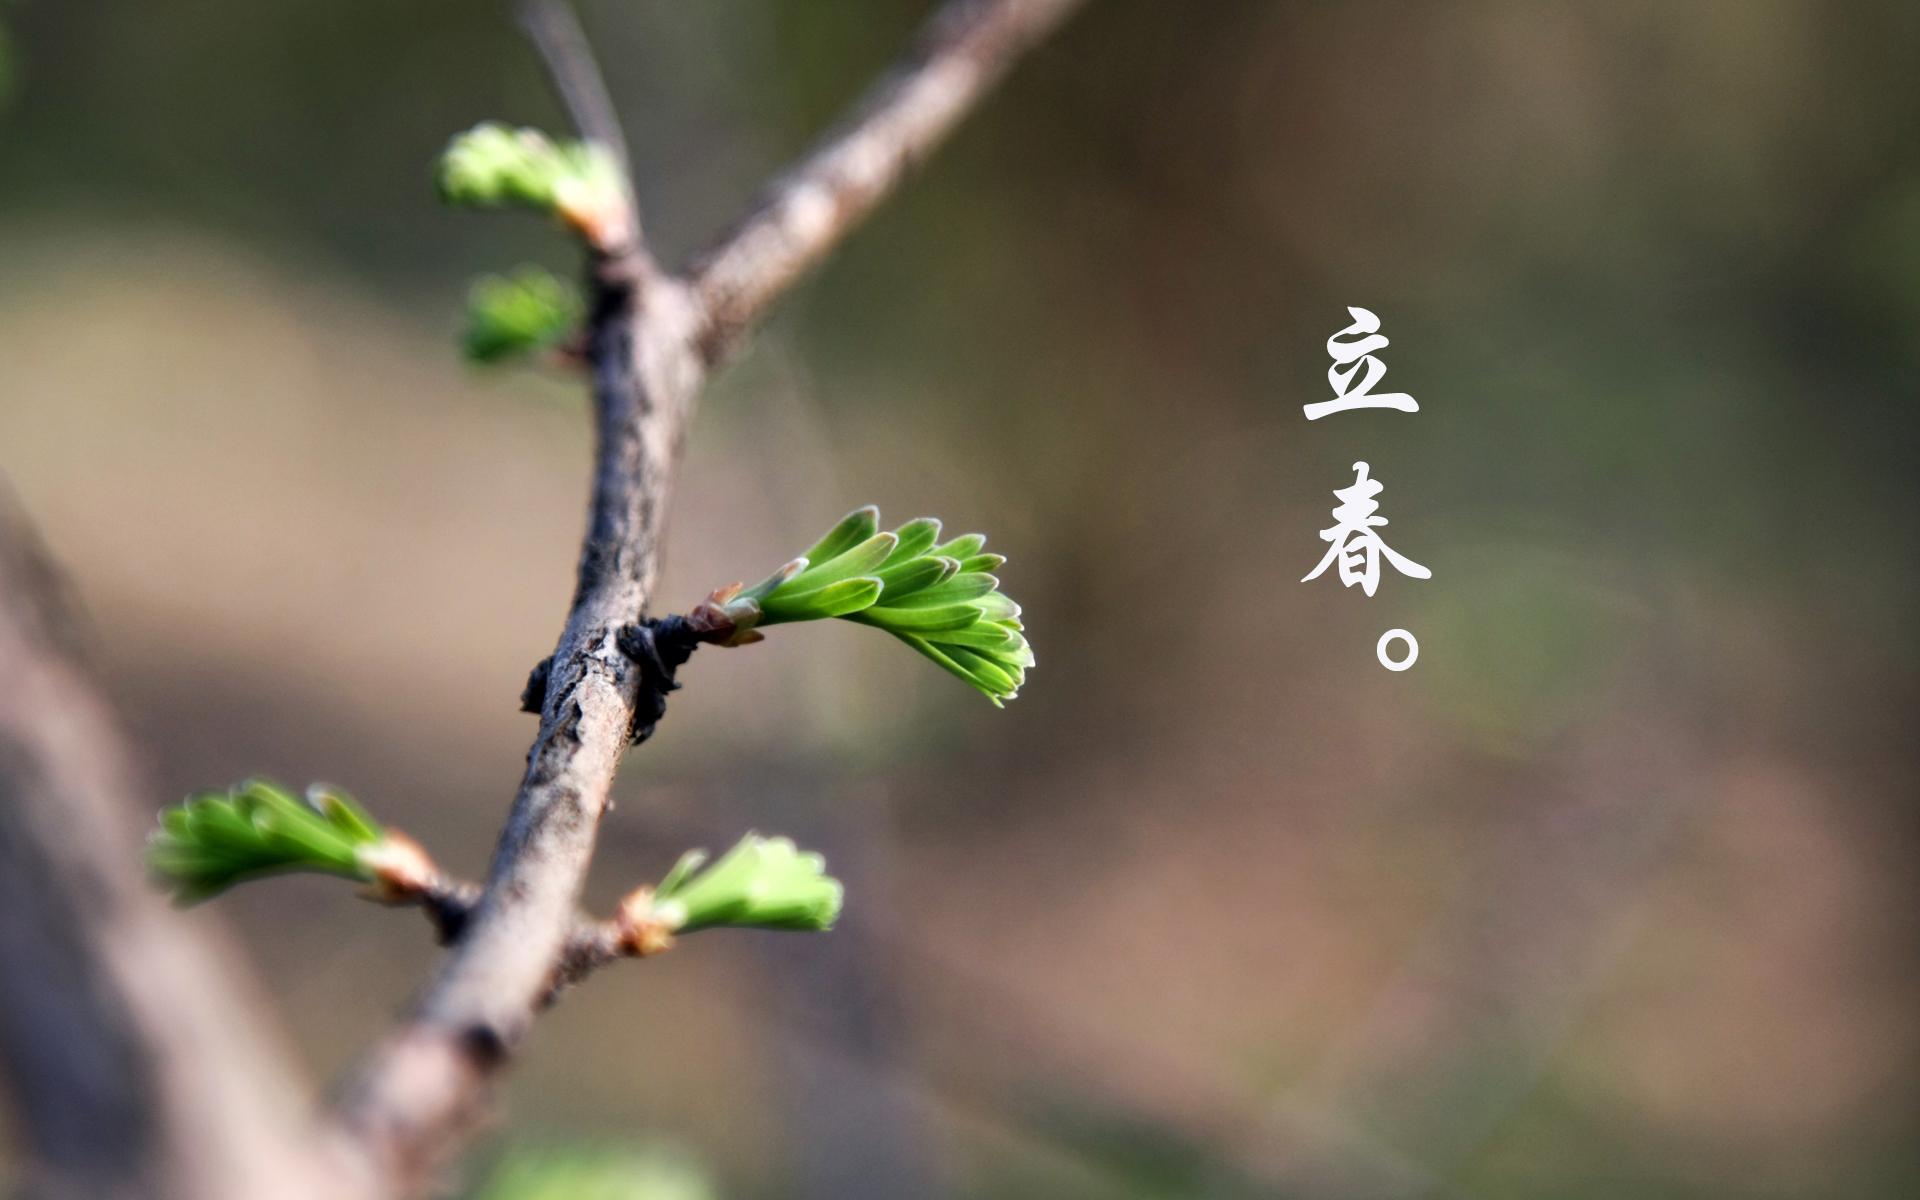 2016立春ppt背景图片下载